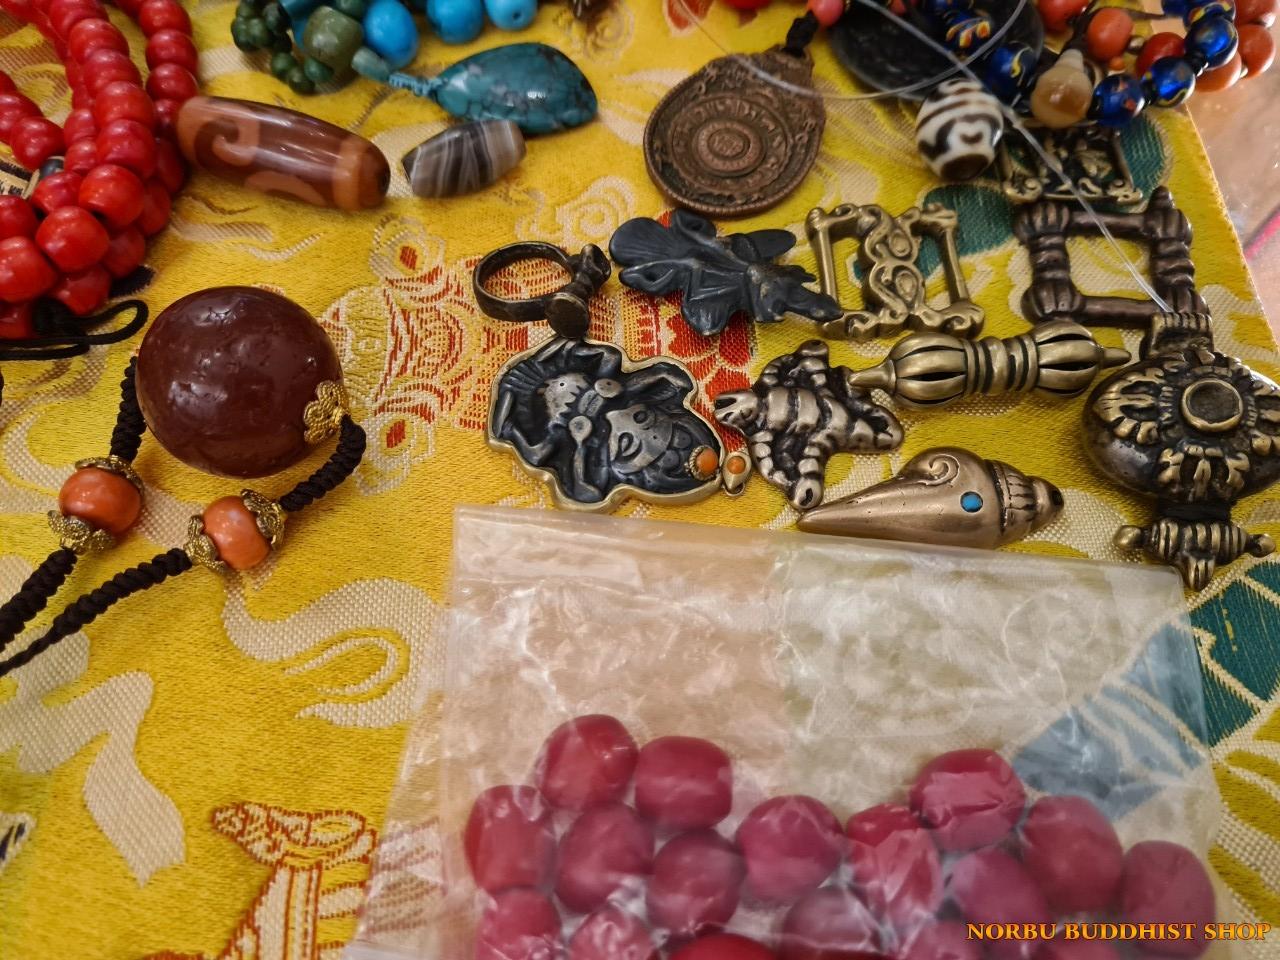 Tổng hợp vật phẩm Tây Tạng tại lần offline Văn hóa Tibet ở Hà Nội 1